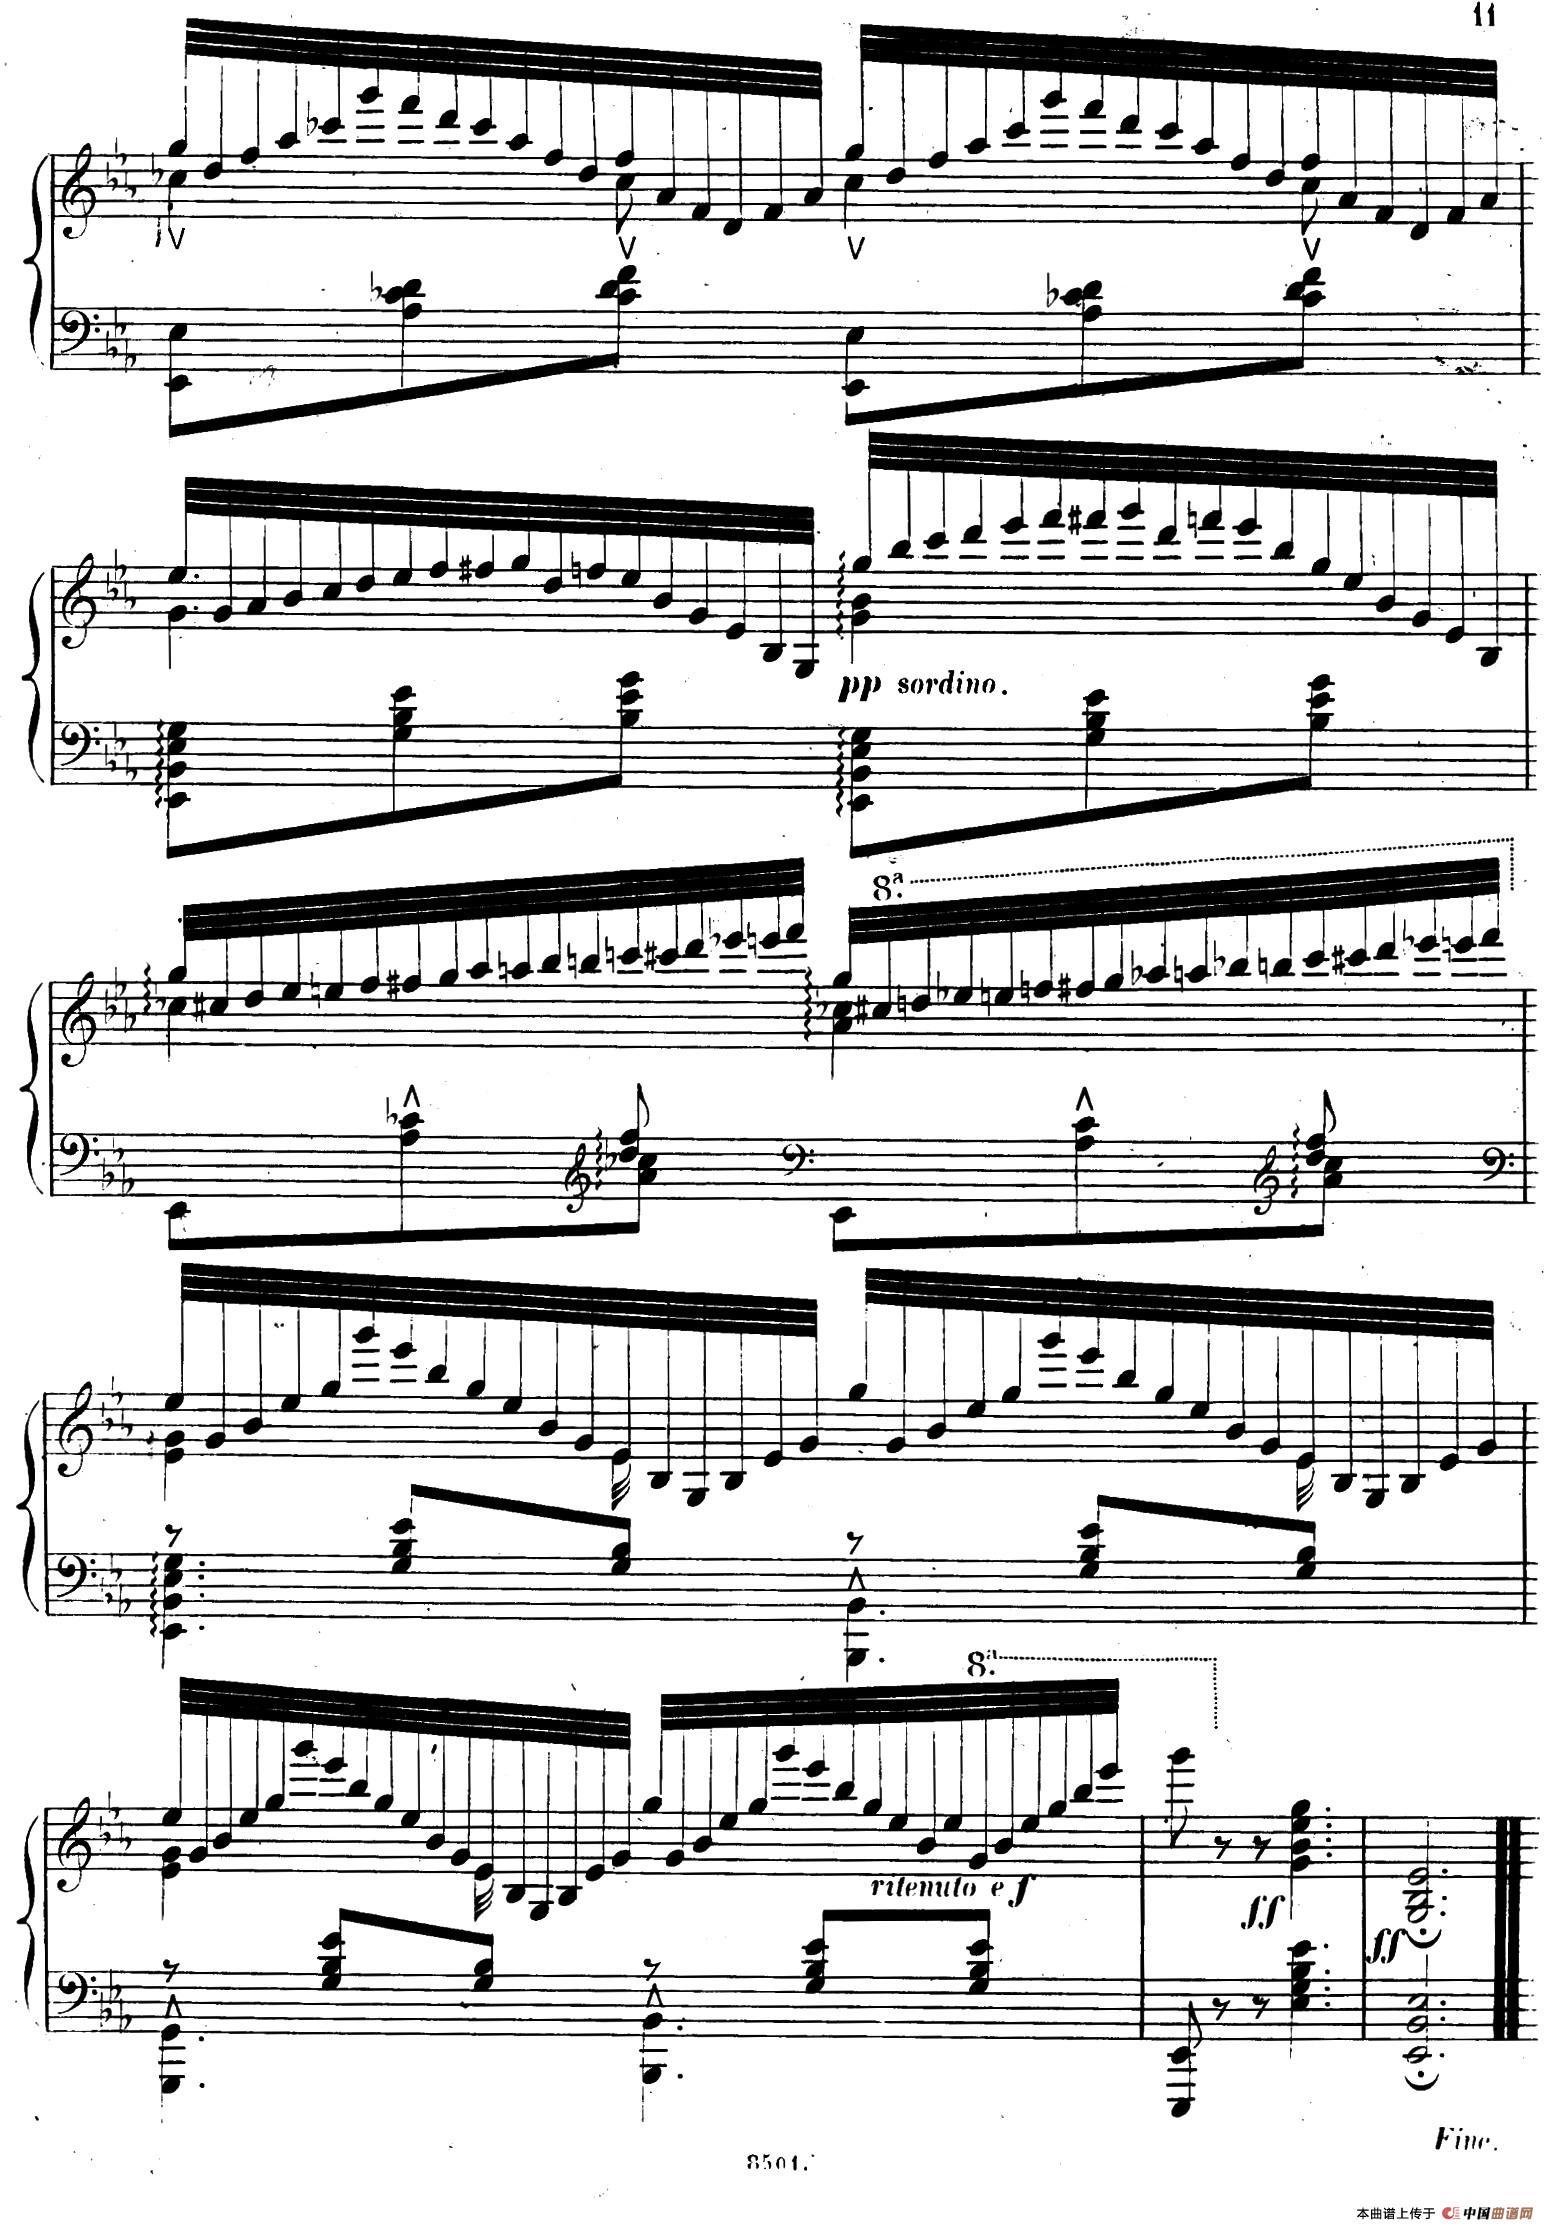 Caprice Etude de Concert(1)_原文件名:012.jpg